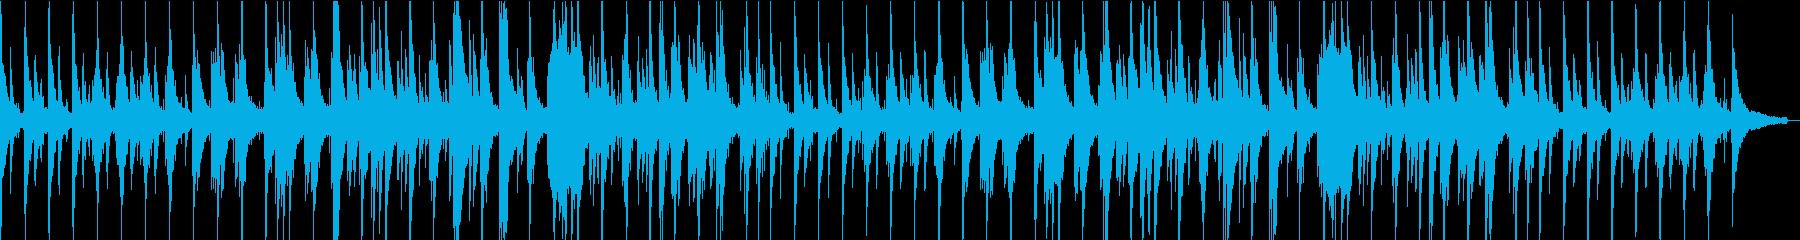 心安らぐ寛ぎのジャズバラードピアノの再生済みの波形